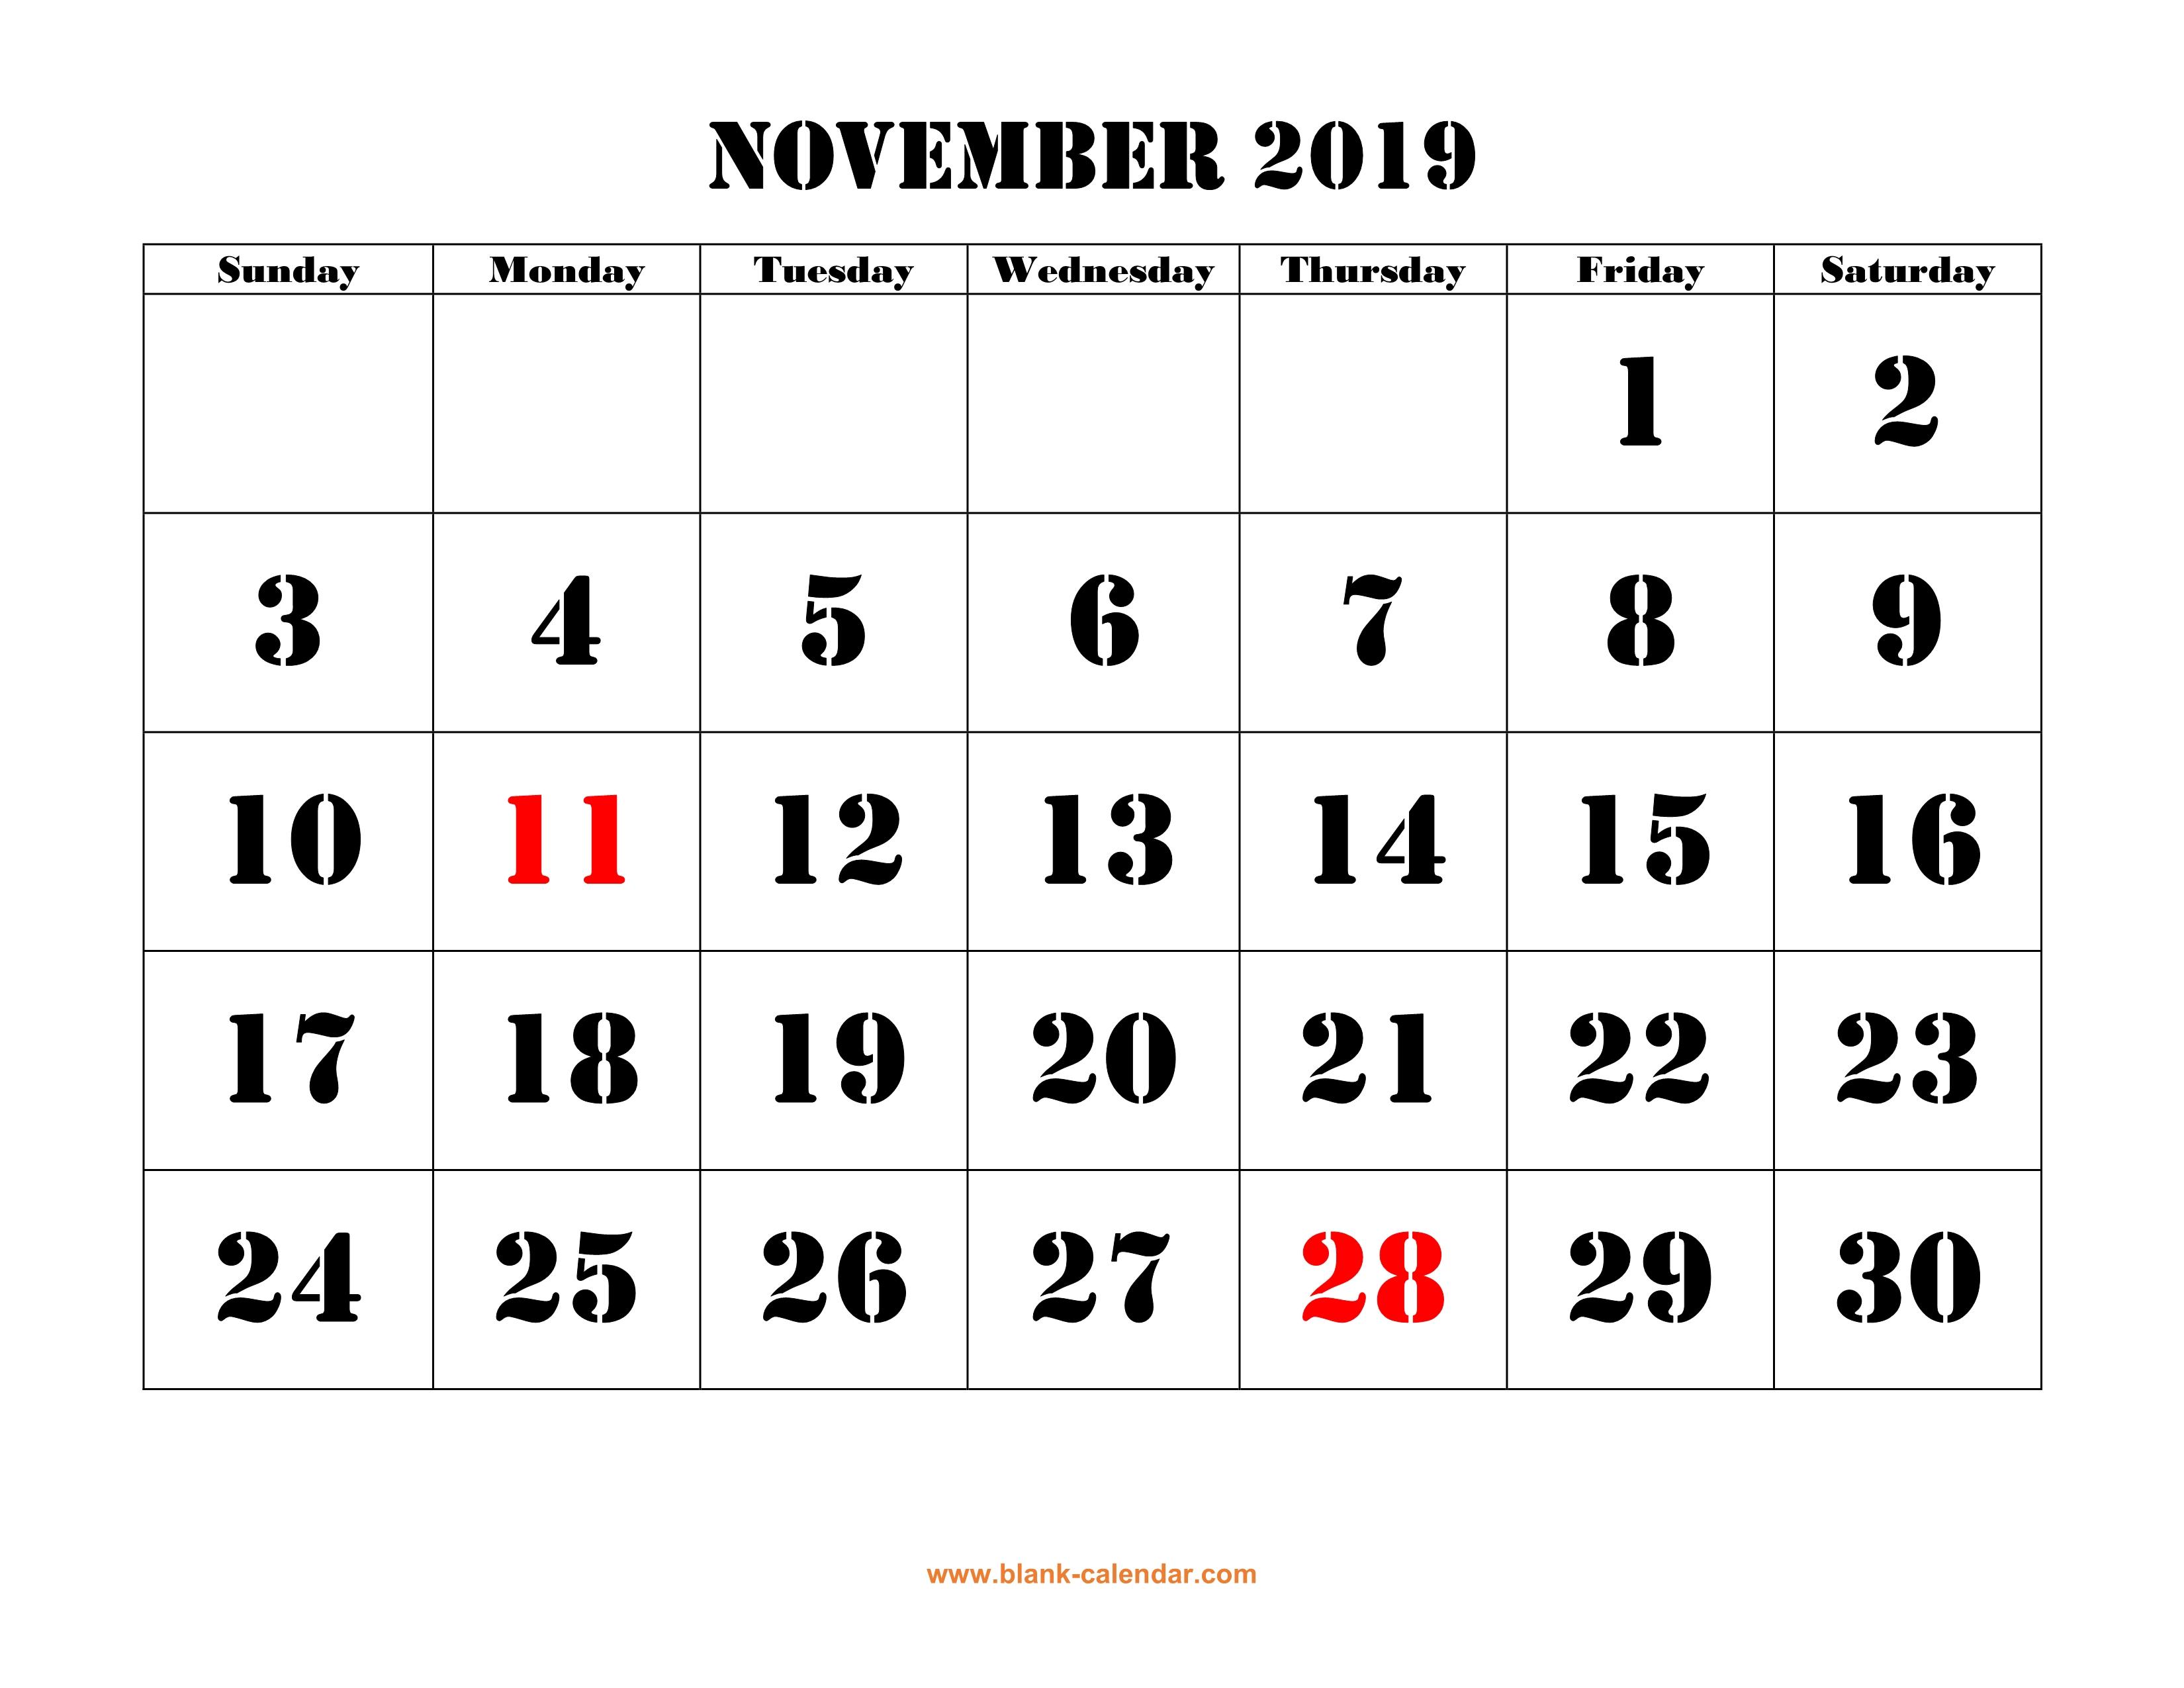 Free Download Printable November 2019 Calendar, Large Font Design